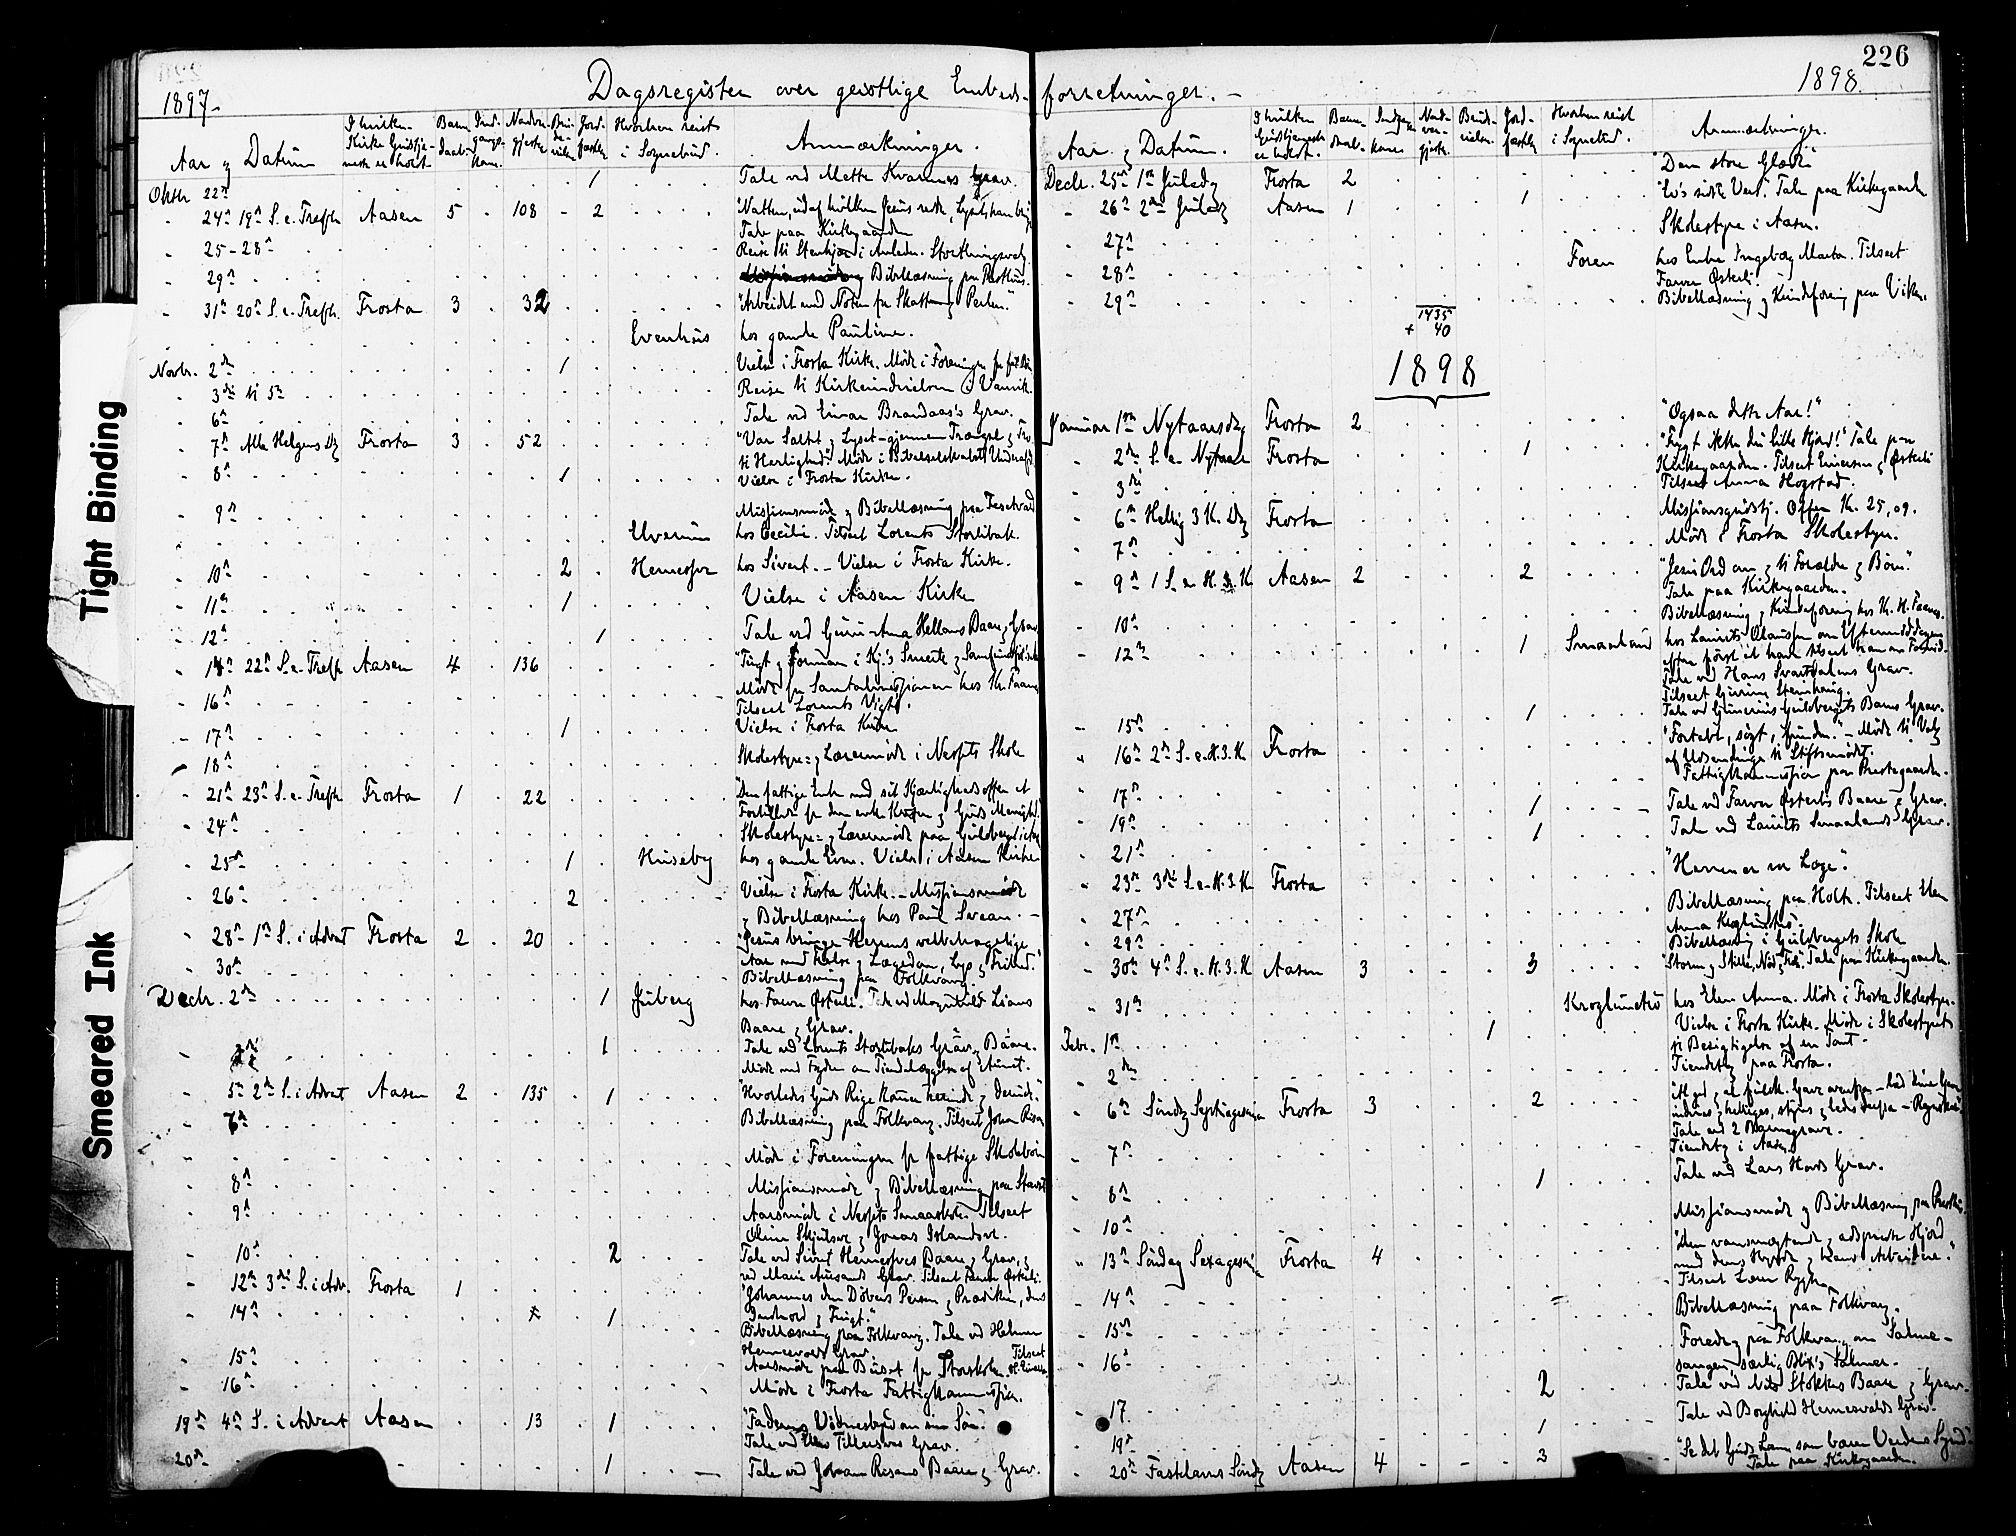 SAT, Ministerialprotokoller, klokkerbøker og fødselsregistre - Nord-Trøndelag, 713/L0121: Ministerialbok nr. 713A10, 1888-1898, s. 226